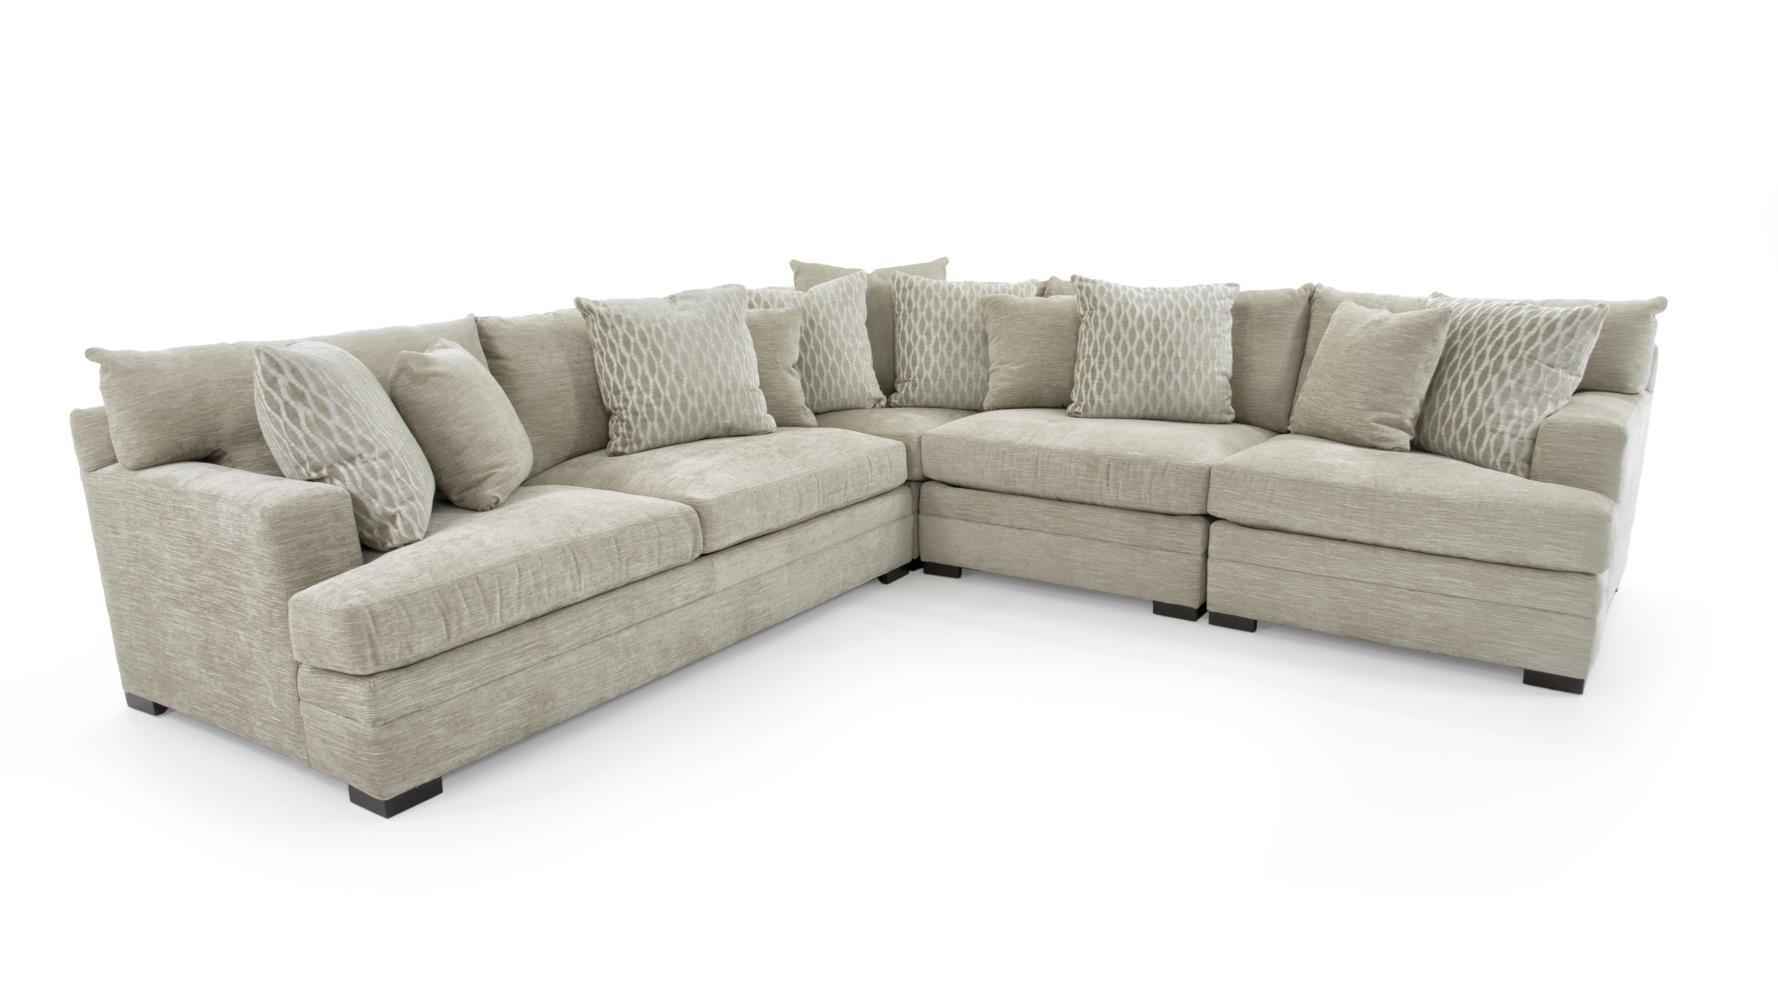 Casual Contemporary Four Piece Sectional Sofa